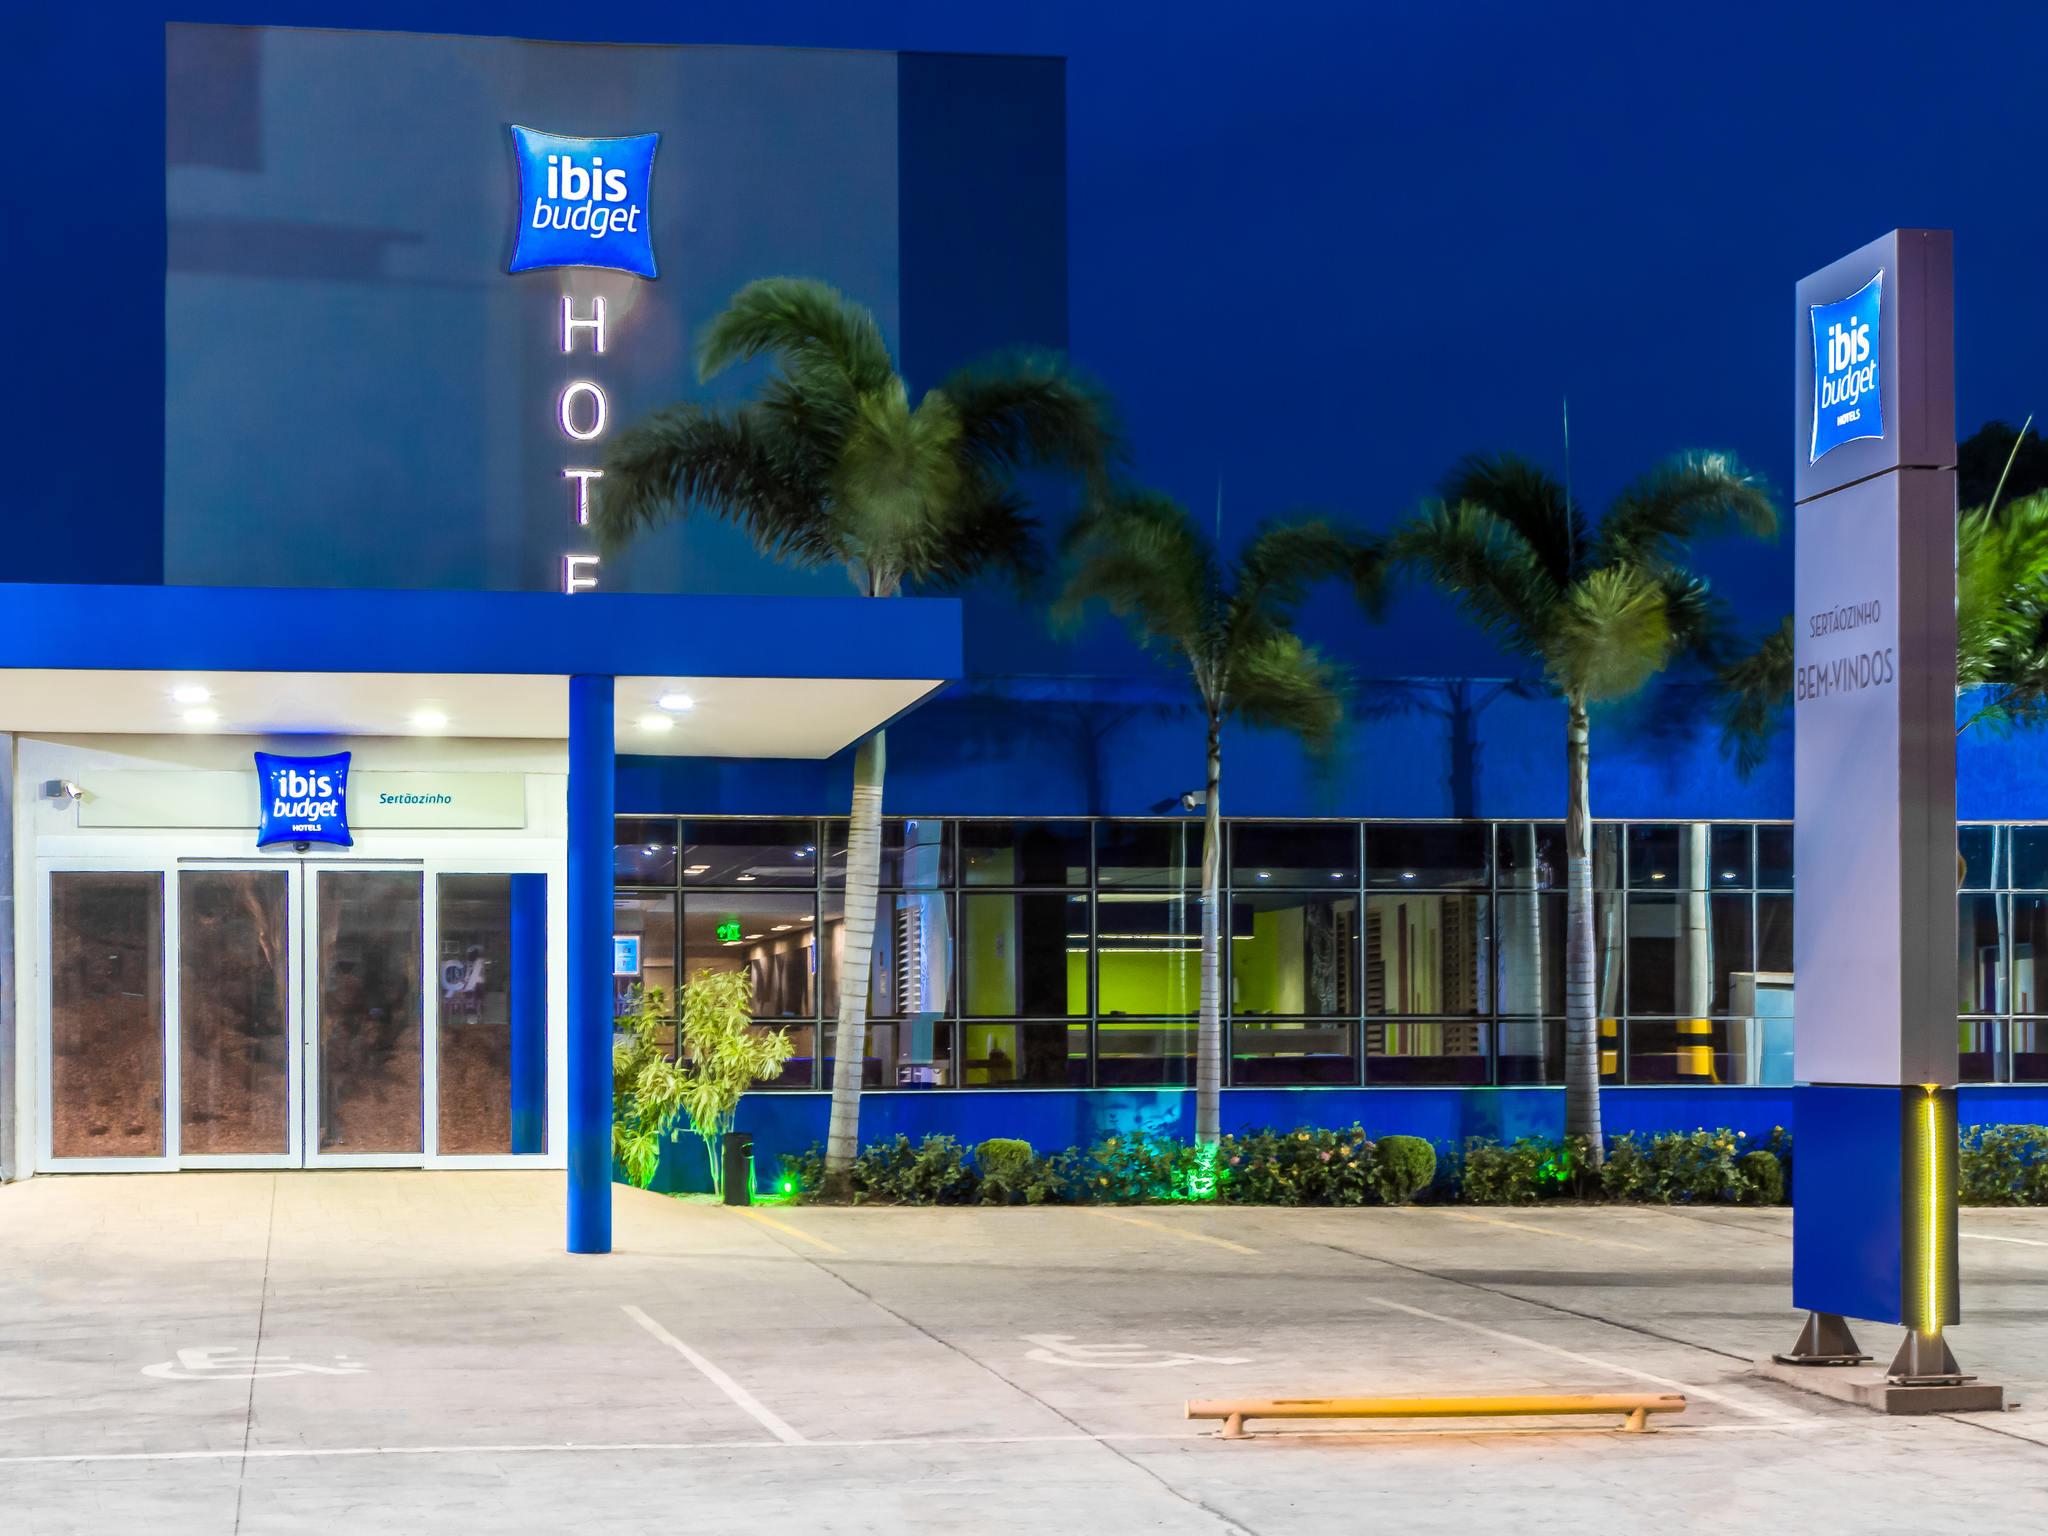 Hotell – ibis budget Sertaozinho